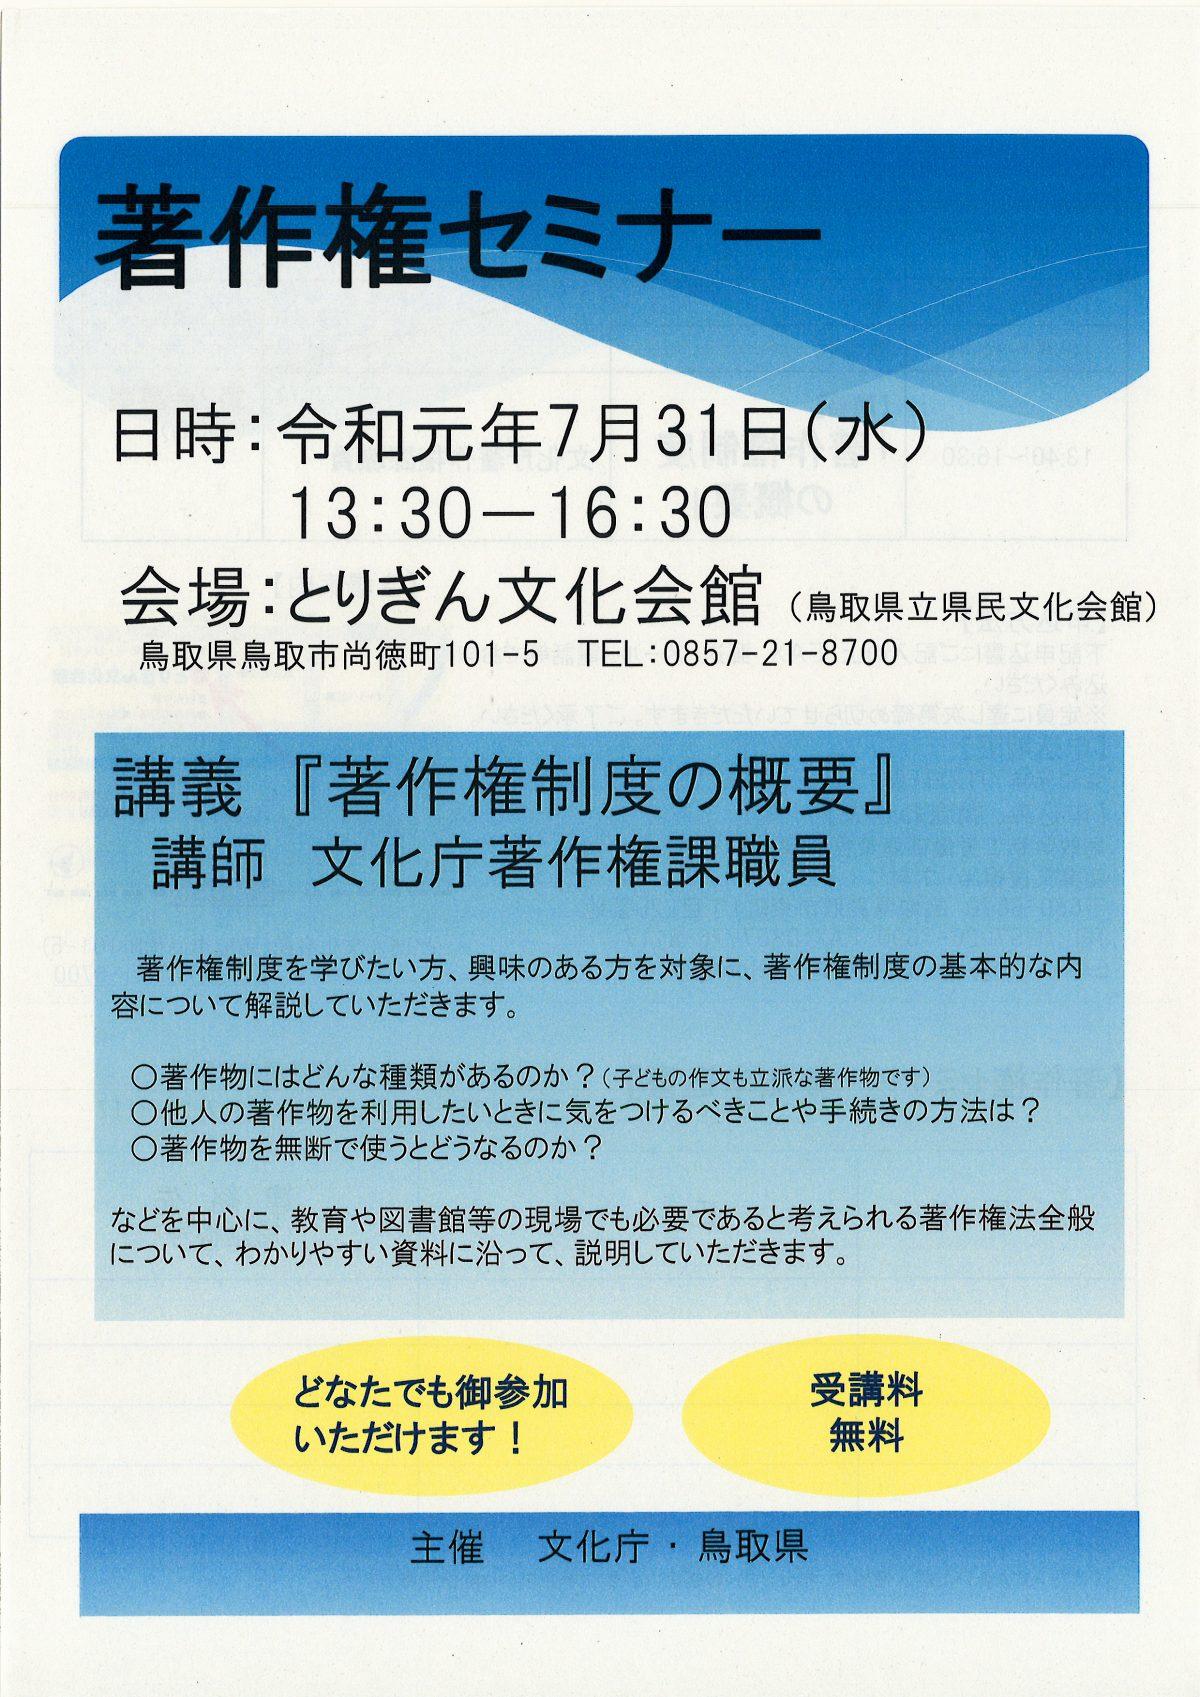 【受付は終了いたしました】令和元年度著作権セミナー(鳥取県会場)を開催します(7月31日)